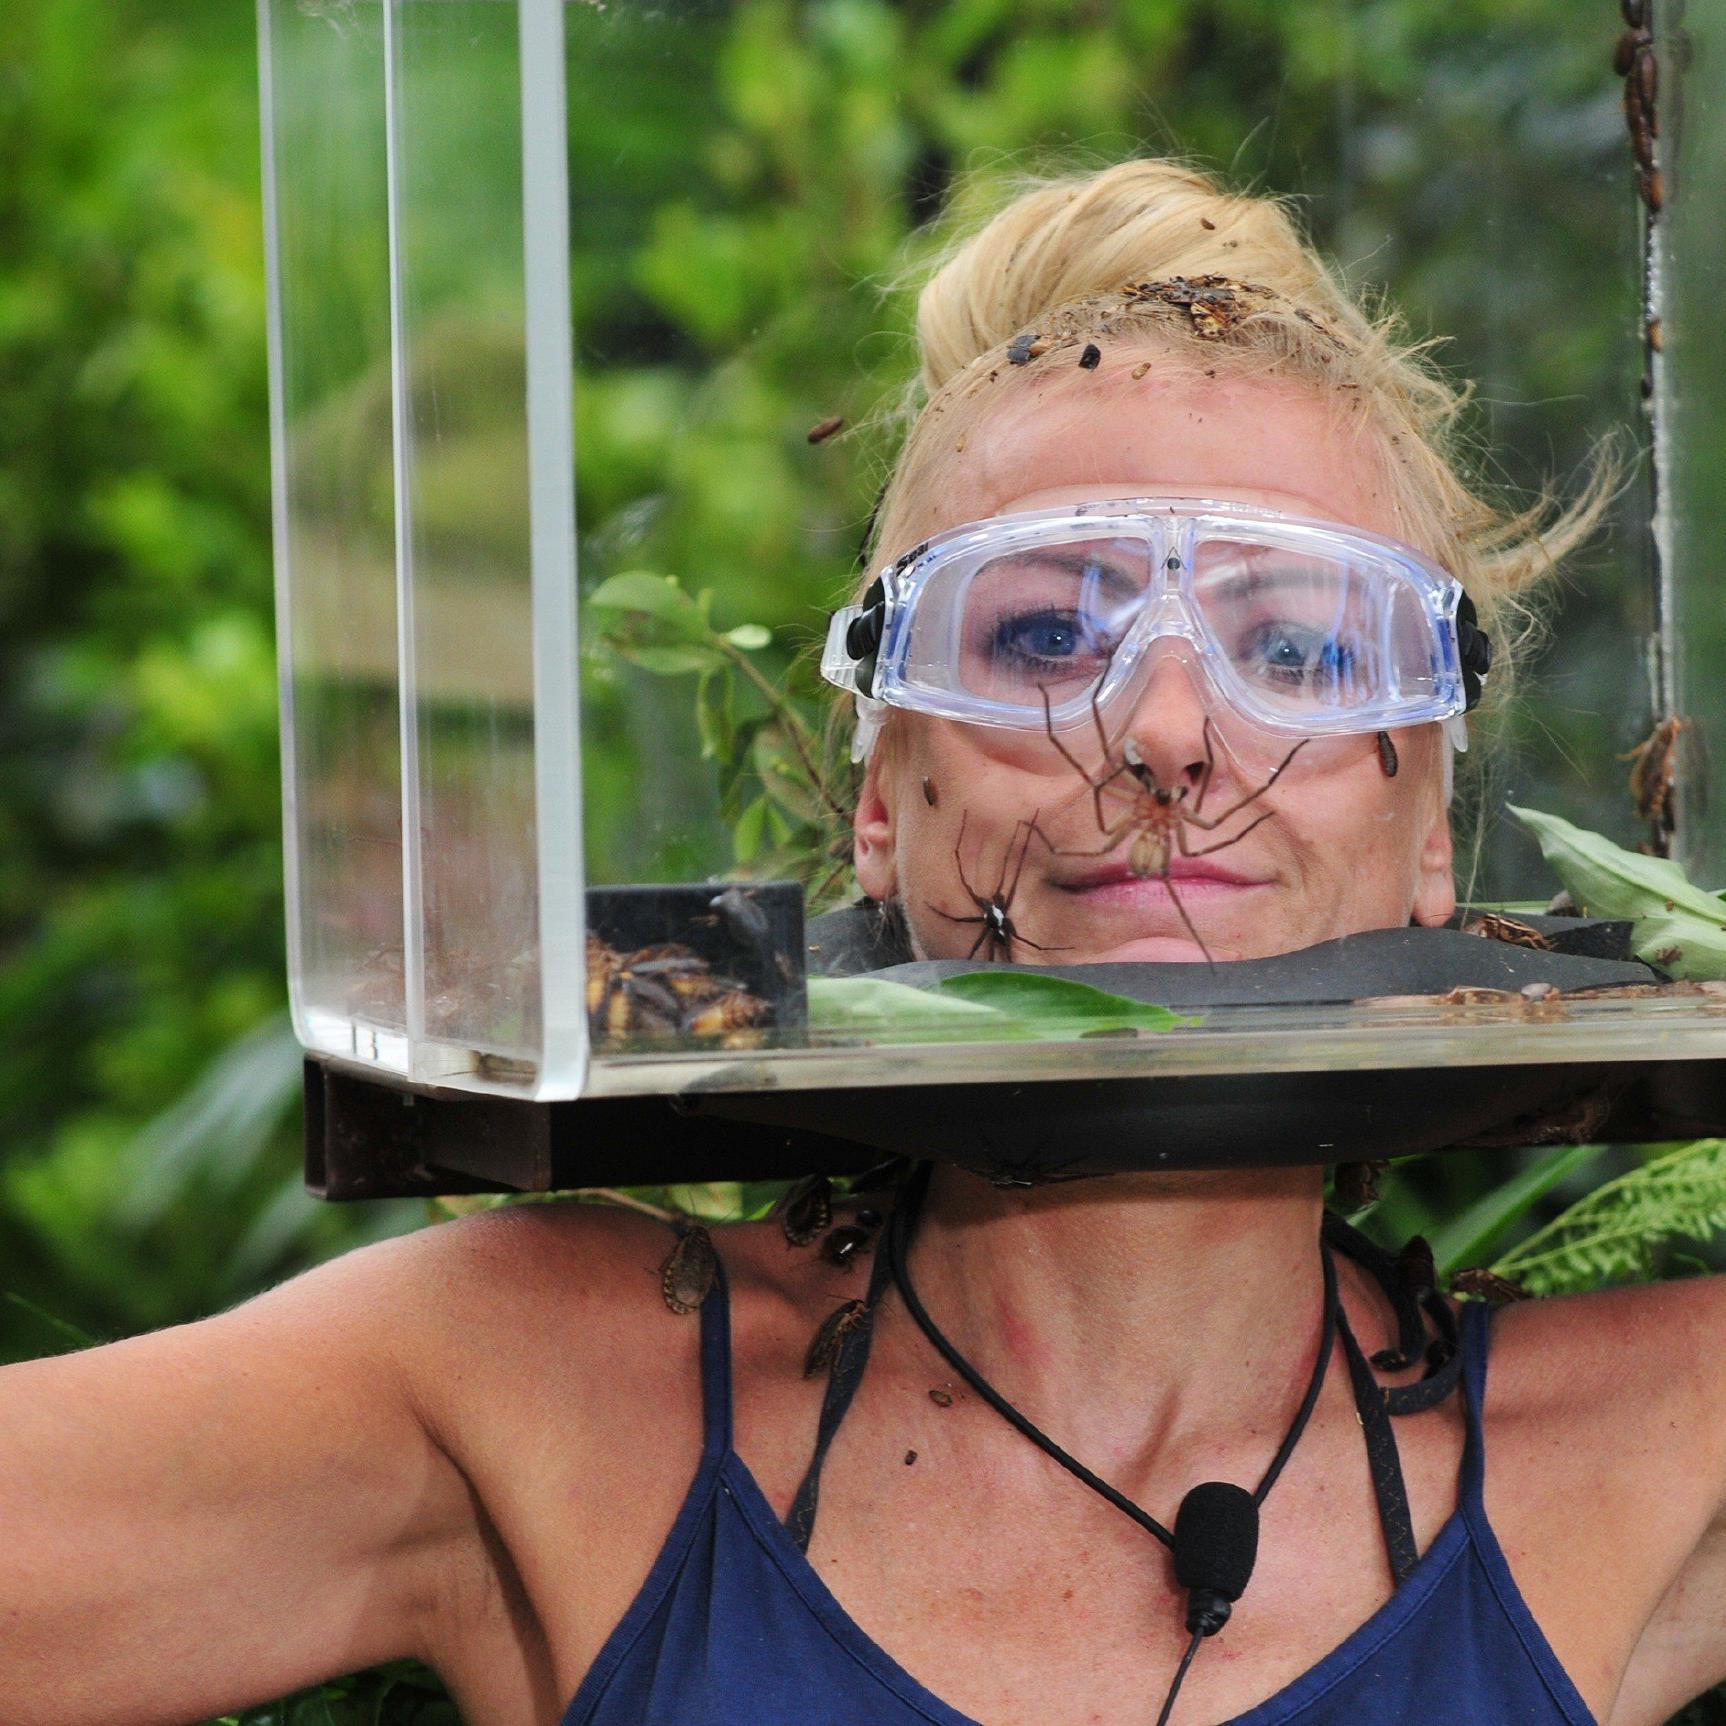 Jenny konnte die Dschungelprüfung am 4. Tag im Dschungelcamp gewinnen.